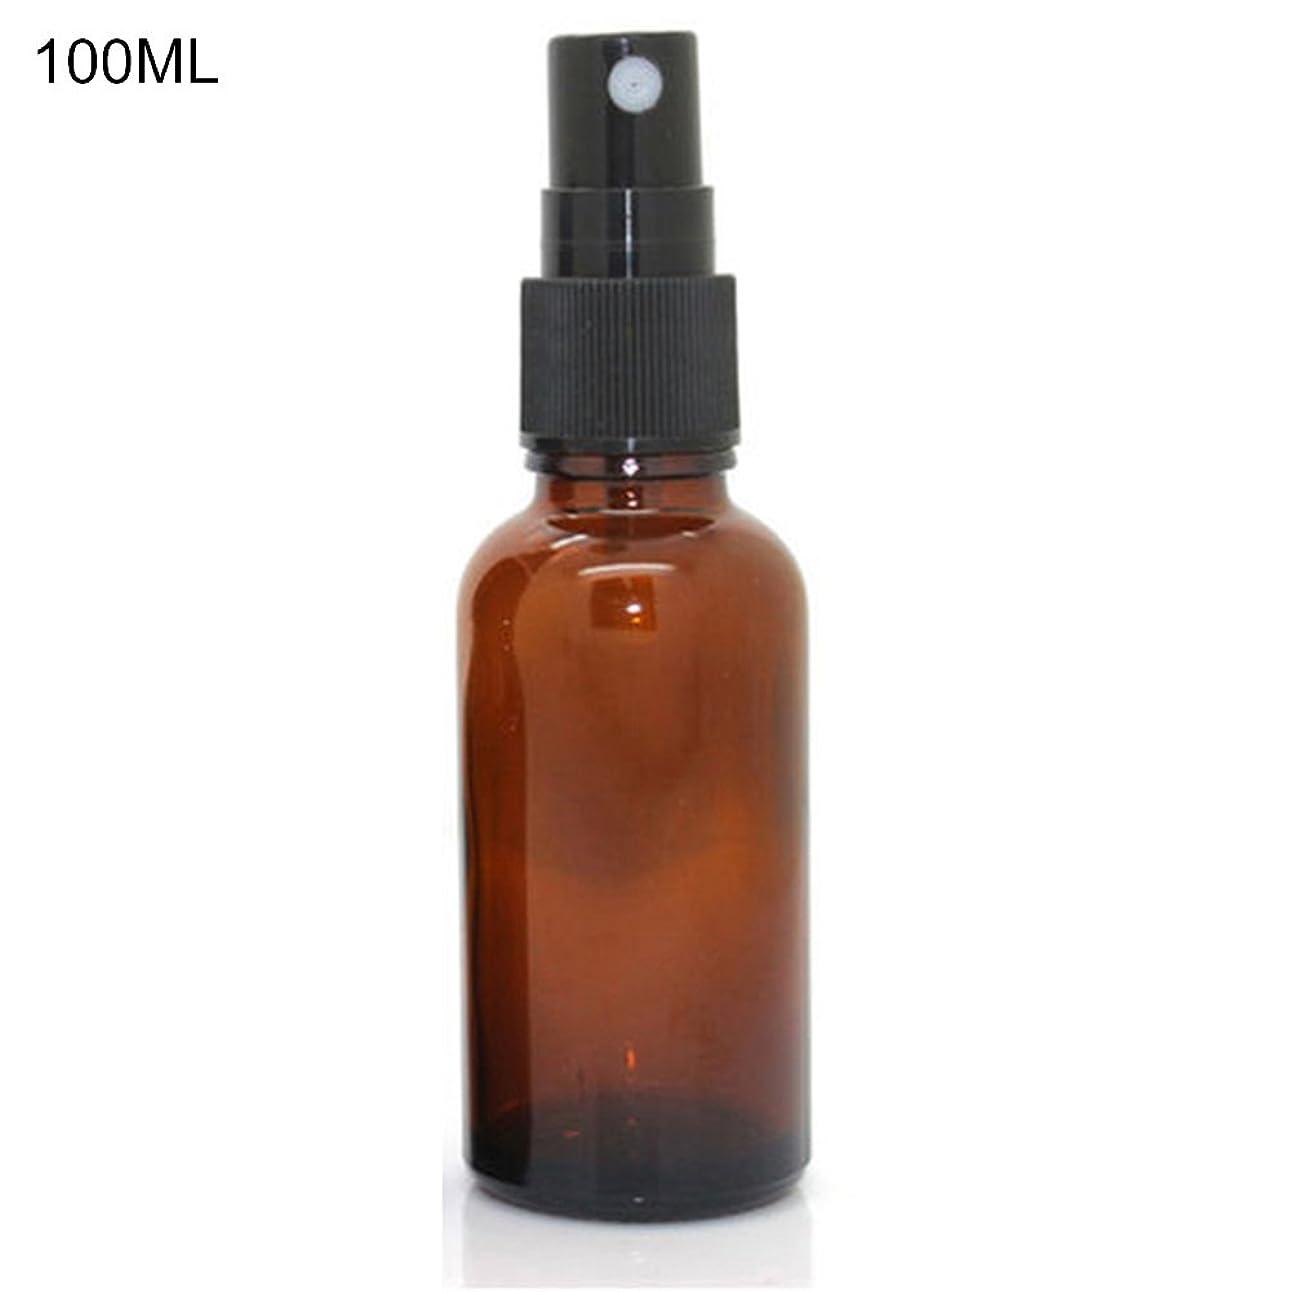 原子バージン最小化するhamulekfae-化粧品綺麗5ミリリットル-100ミリリットル美容空琥珀色のガラス瓶エッセンシャルオイルミストスプレーコンテナケース - 100ミリリットル